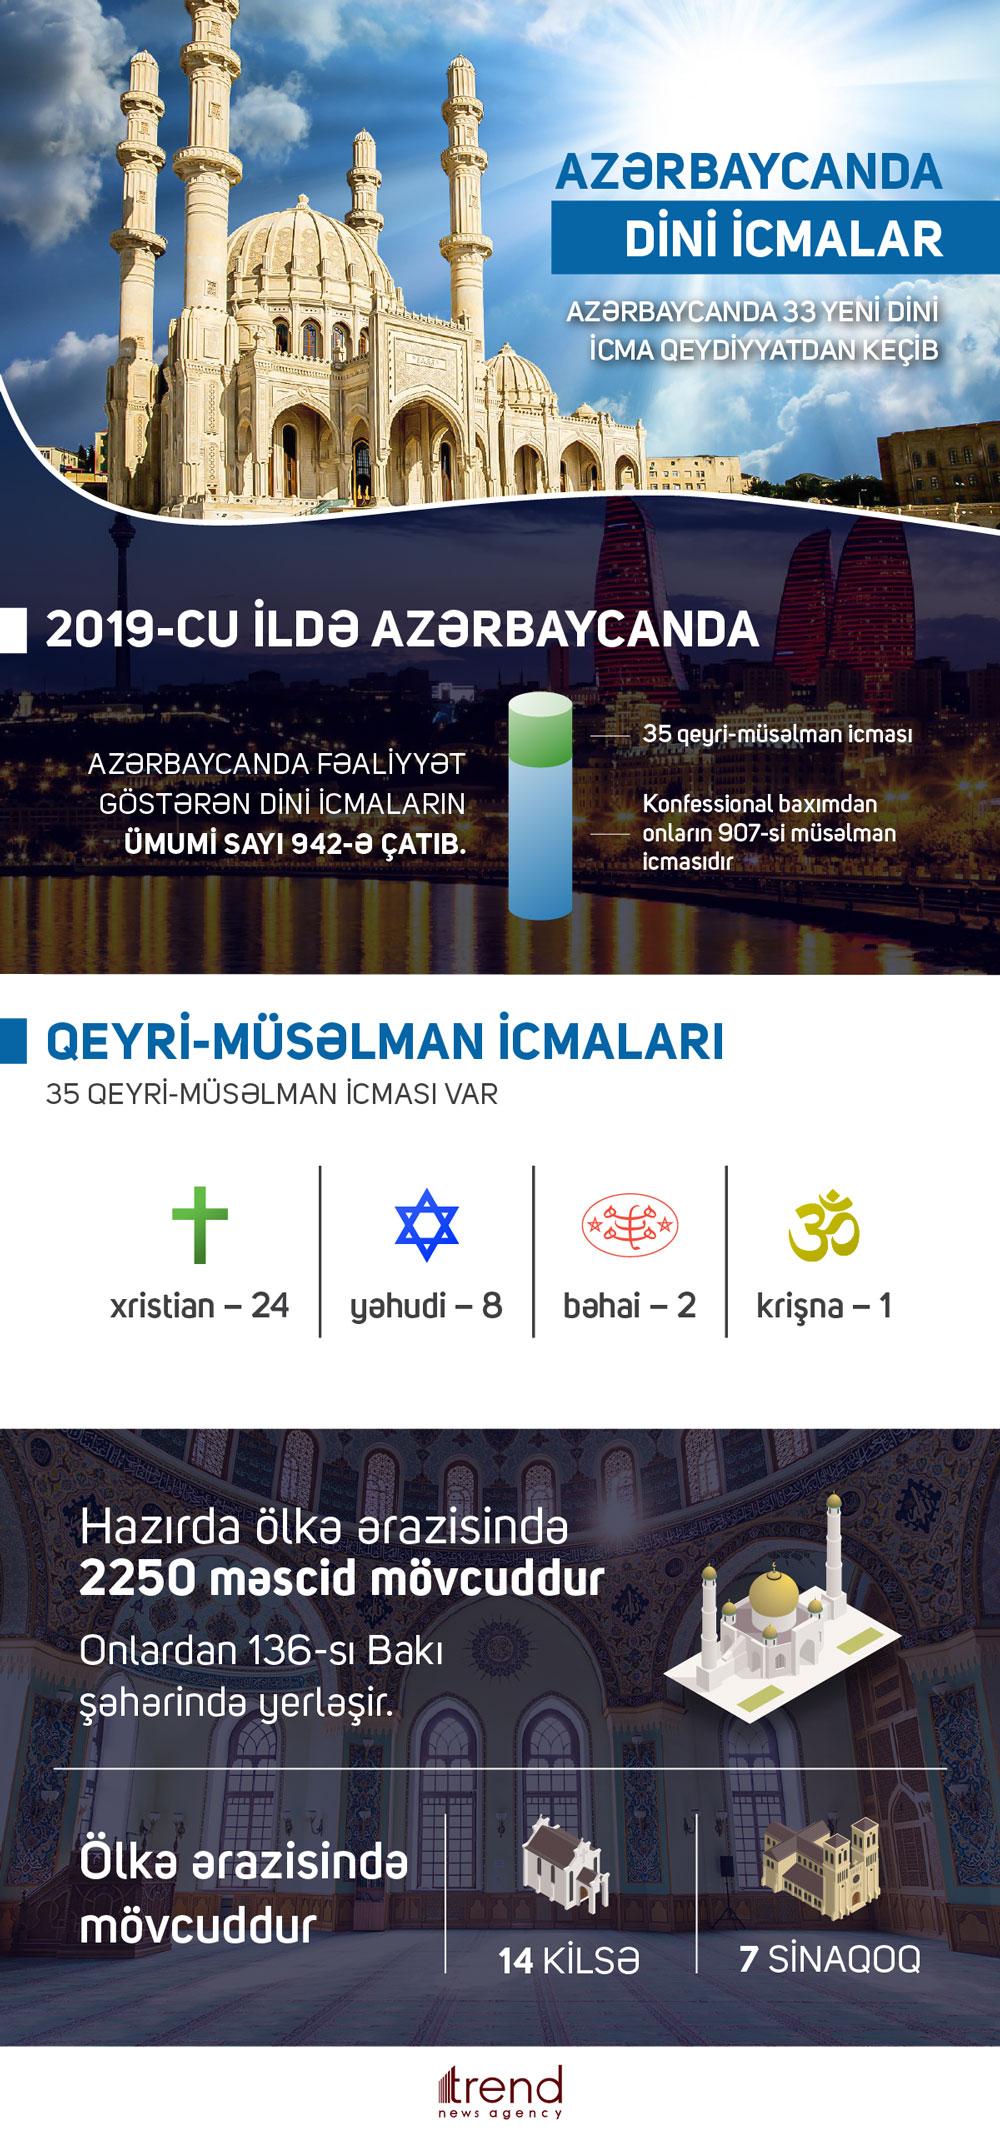 Azərbaycanda 33 yeni dini icma qeydiyyatdan keçib